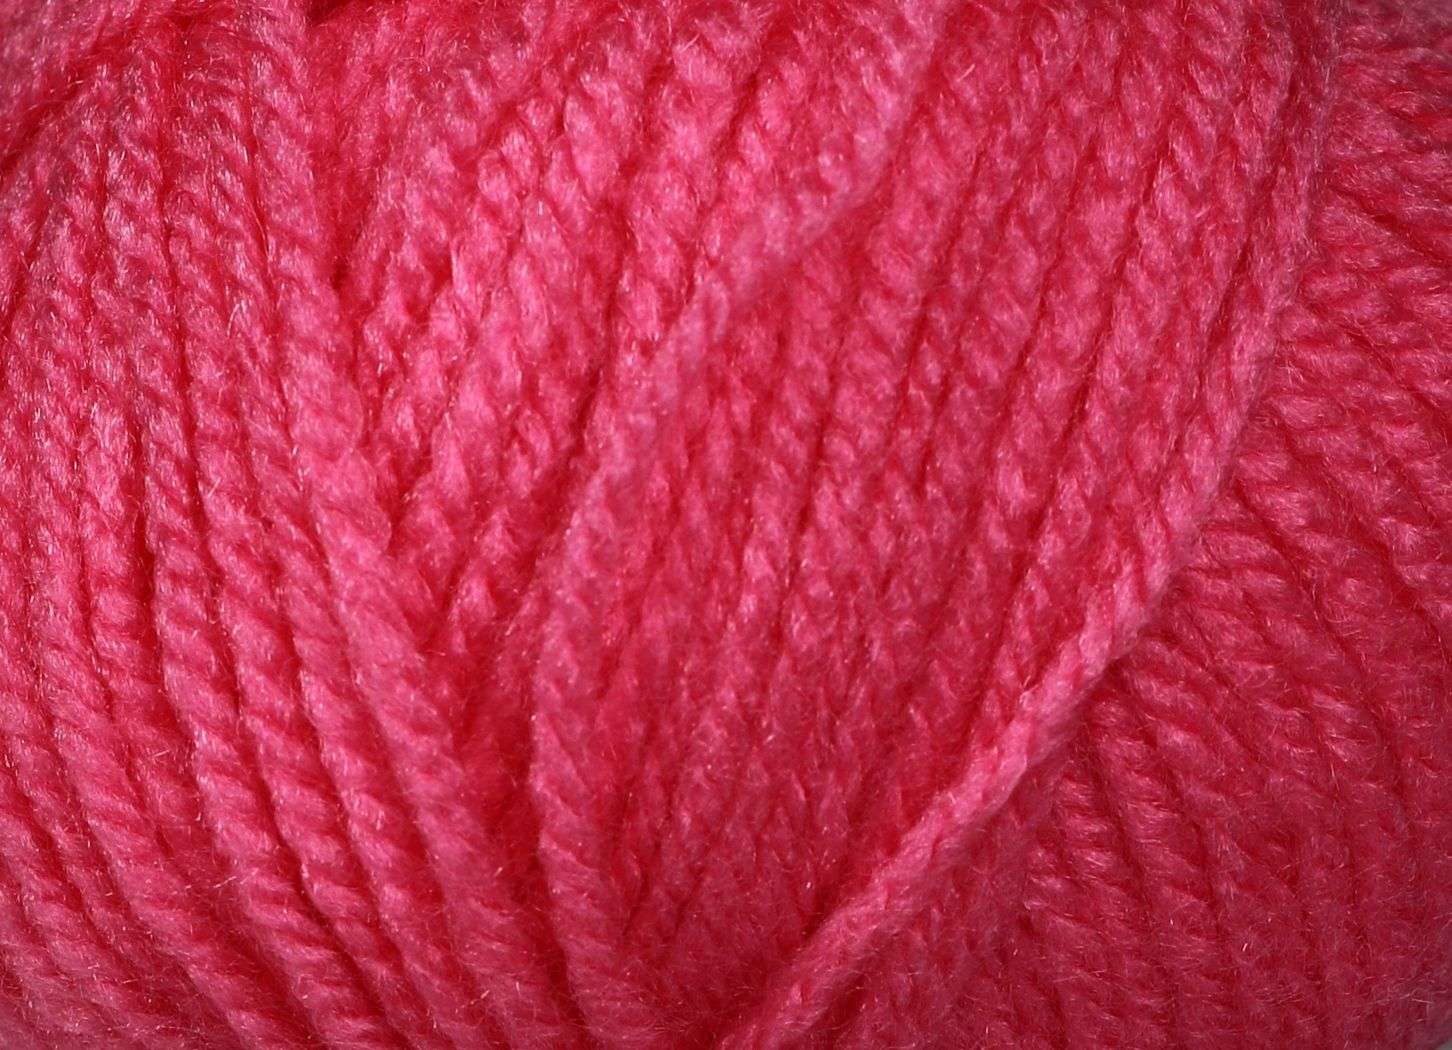 Pletací příze Vlnika XANTYPA 460 růžová, klasická, 100g/200m